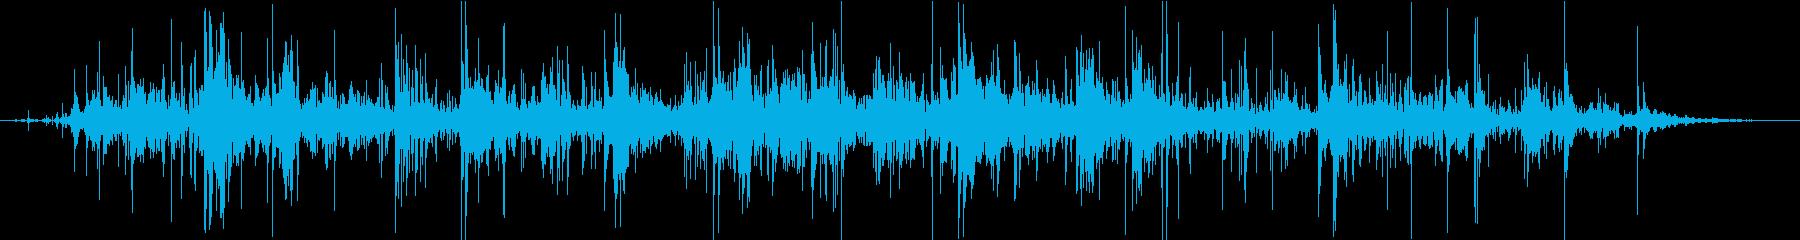 アイスゴーレム 中圧01の再生済みの波形